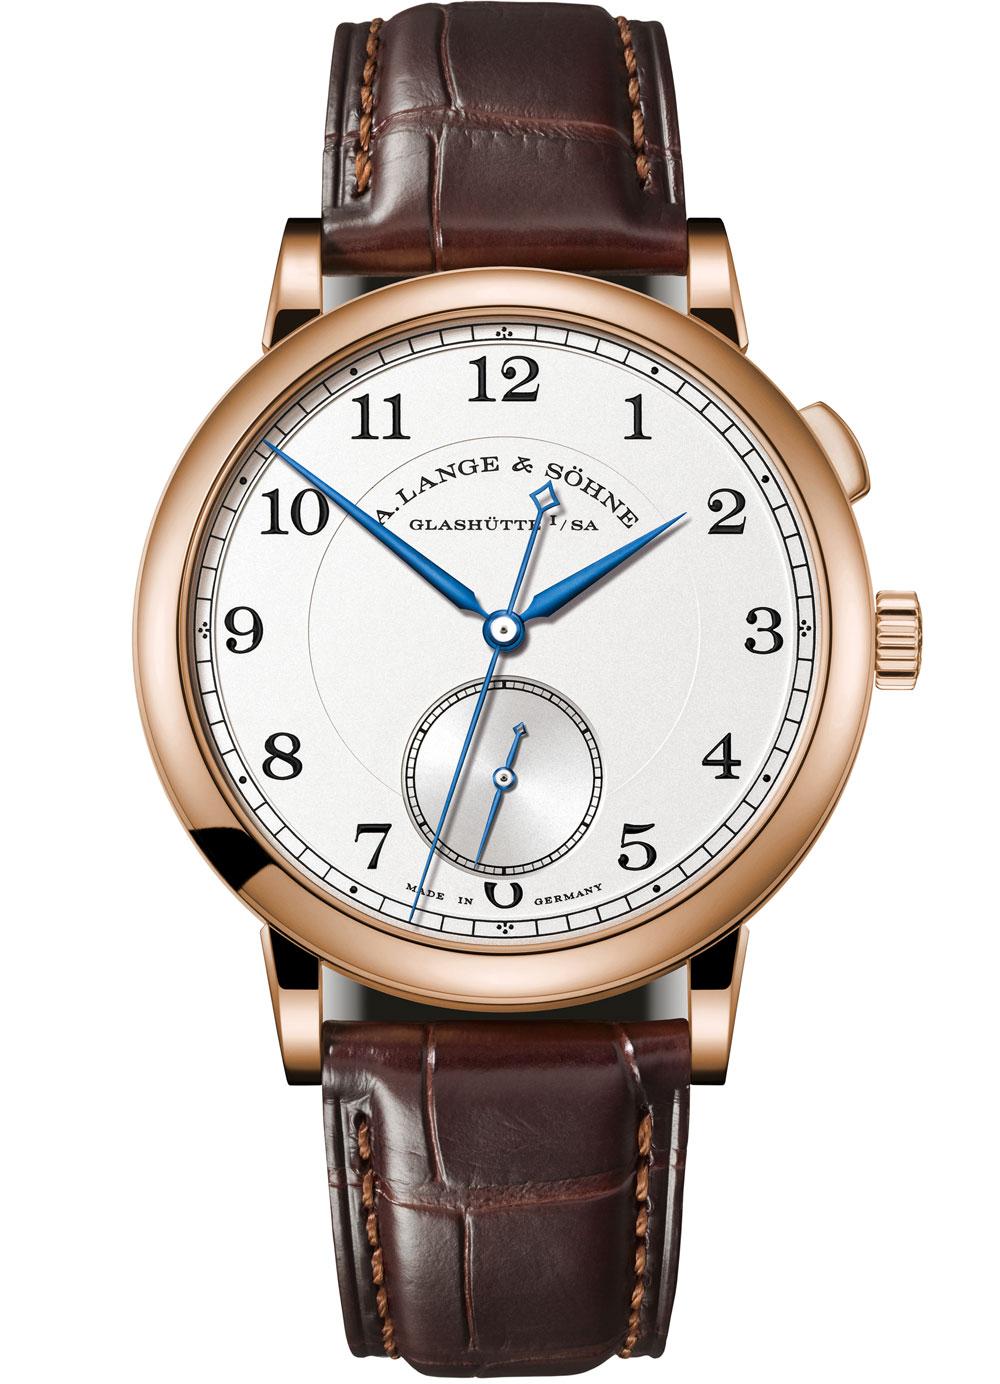 Reloj 1815 Homage to Walter Lange de A. Lange & Söhne oro rojo